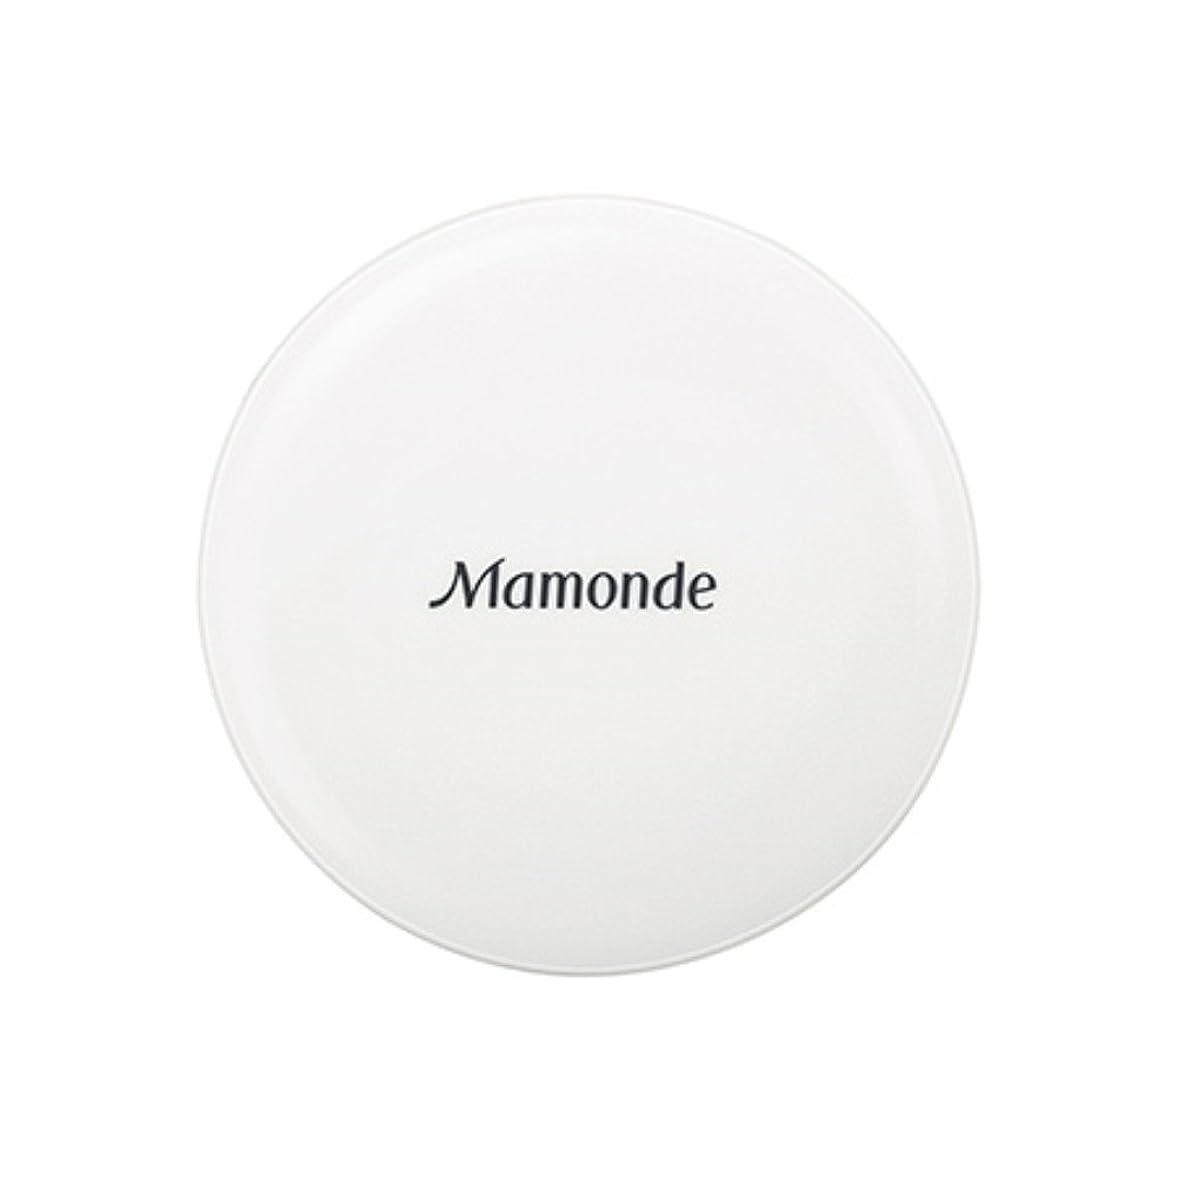 ポーターポンドコミットメント[New] Mamonde Cotton Veil Powder Pact 12g/マモンド コットン ベール パウダー パクト 12g [並行輸入品]